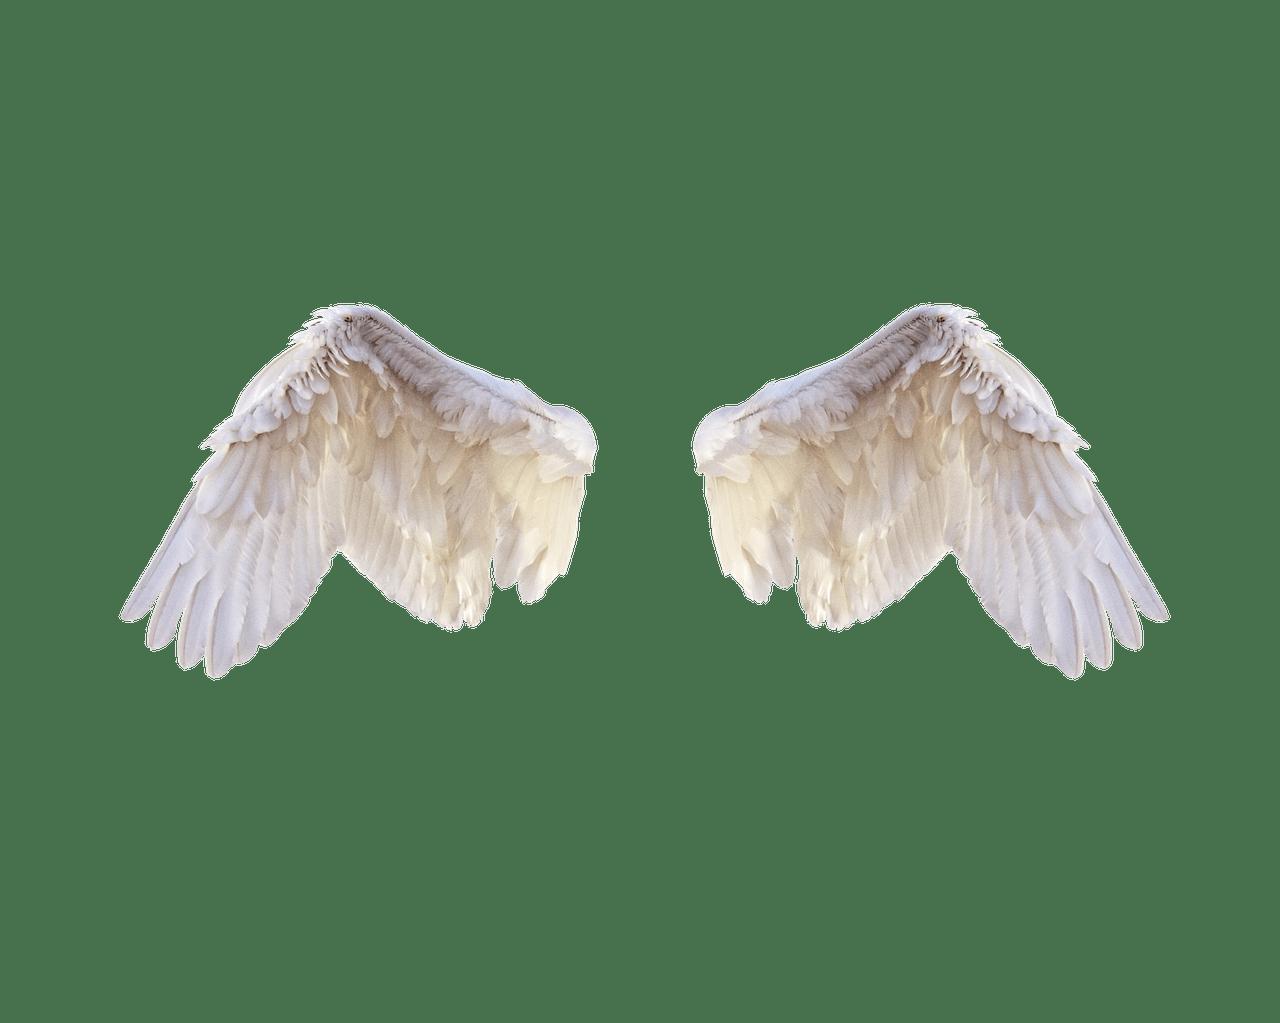 Engel Selbstliebe Geistige Welt Spirit